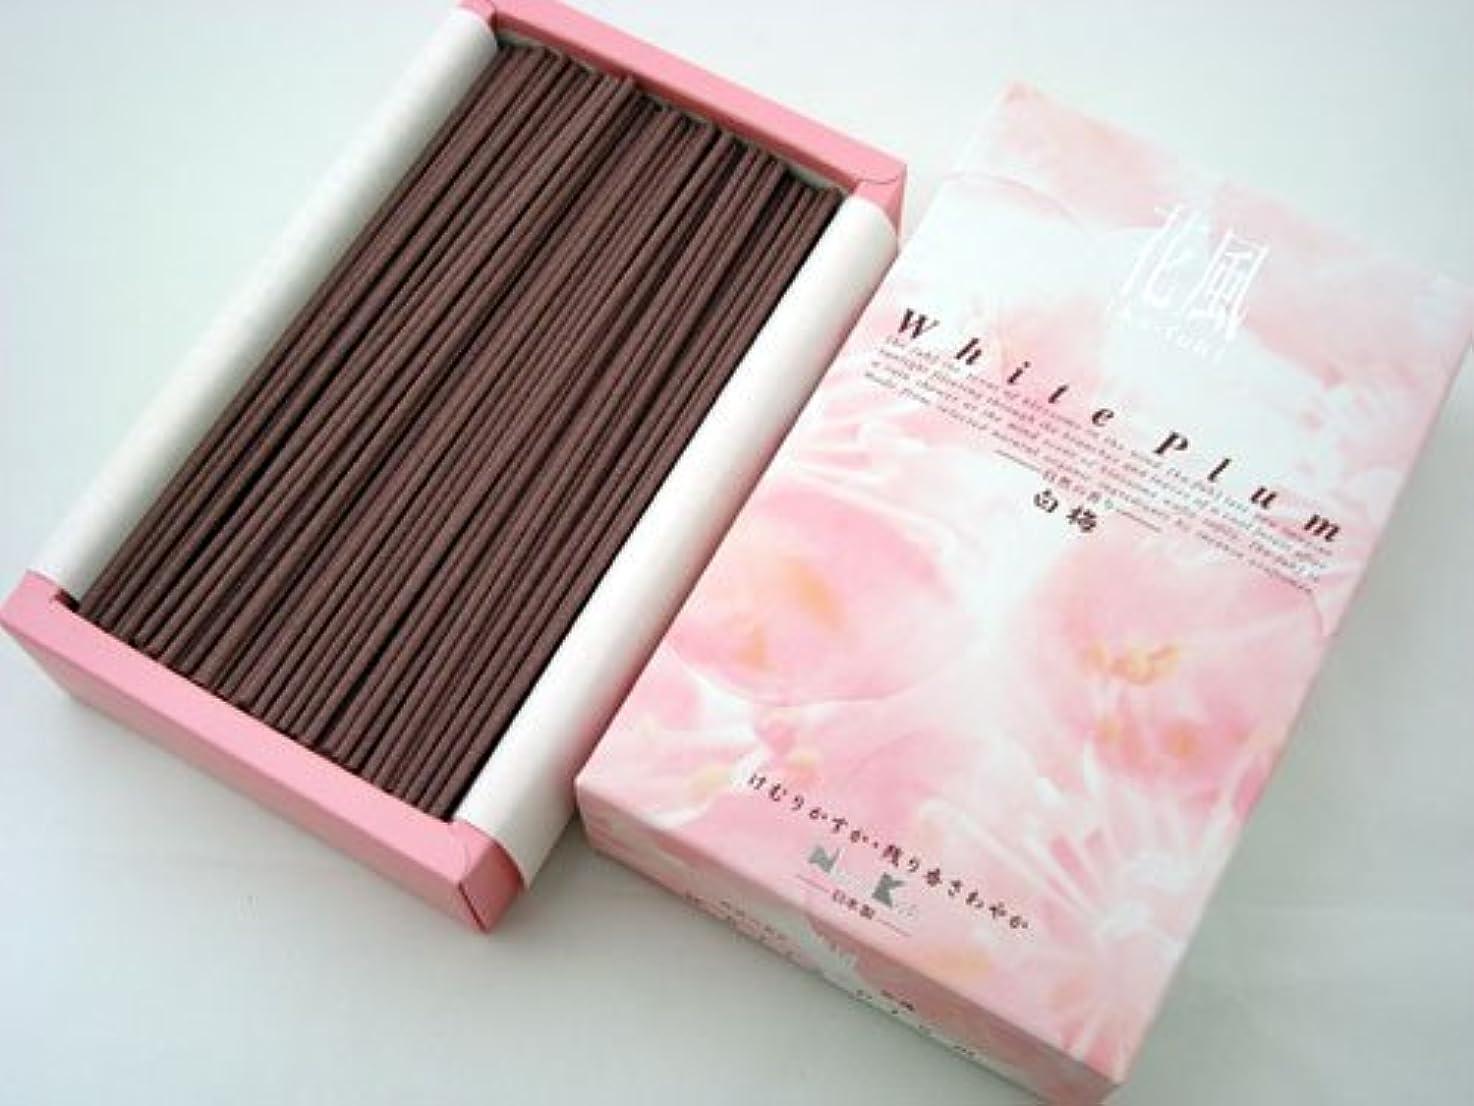 間に合わせどうやら透過性日本香堂 微煙線香【花風(かふう) 白梅】 バラ詰大箱